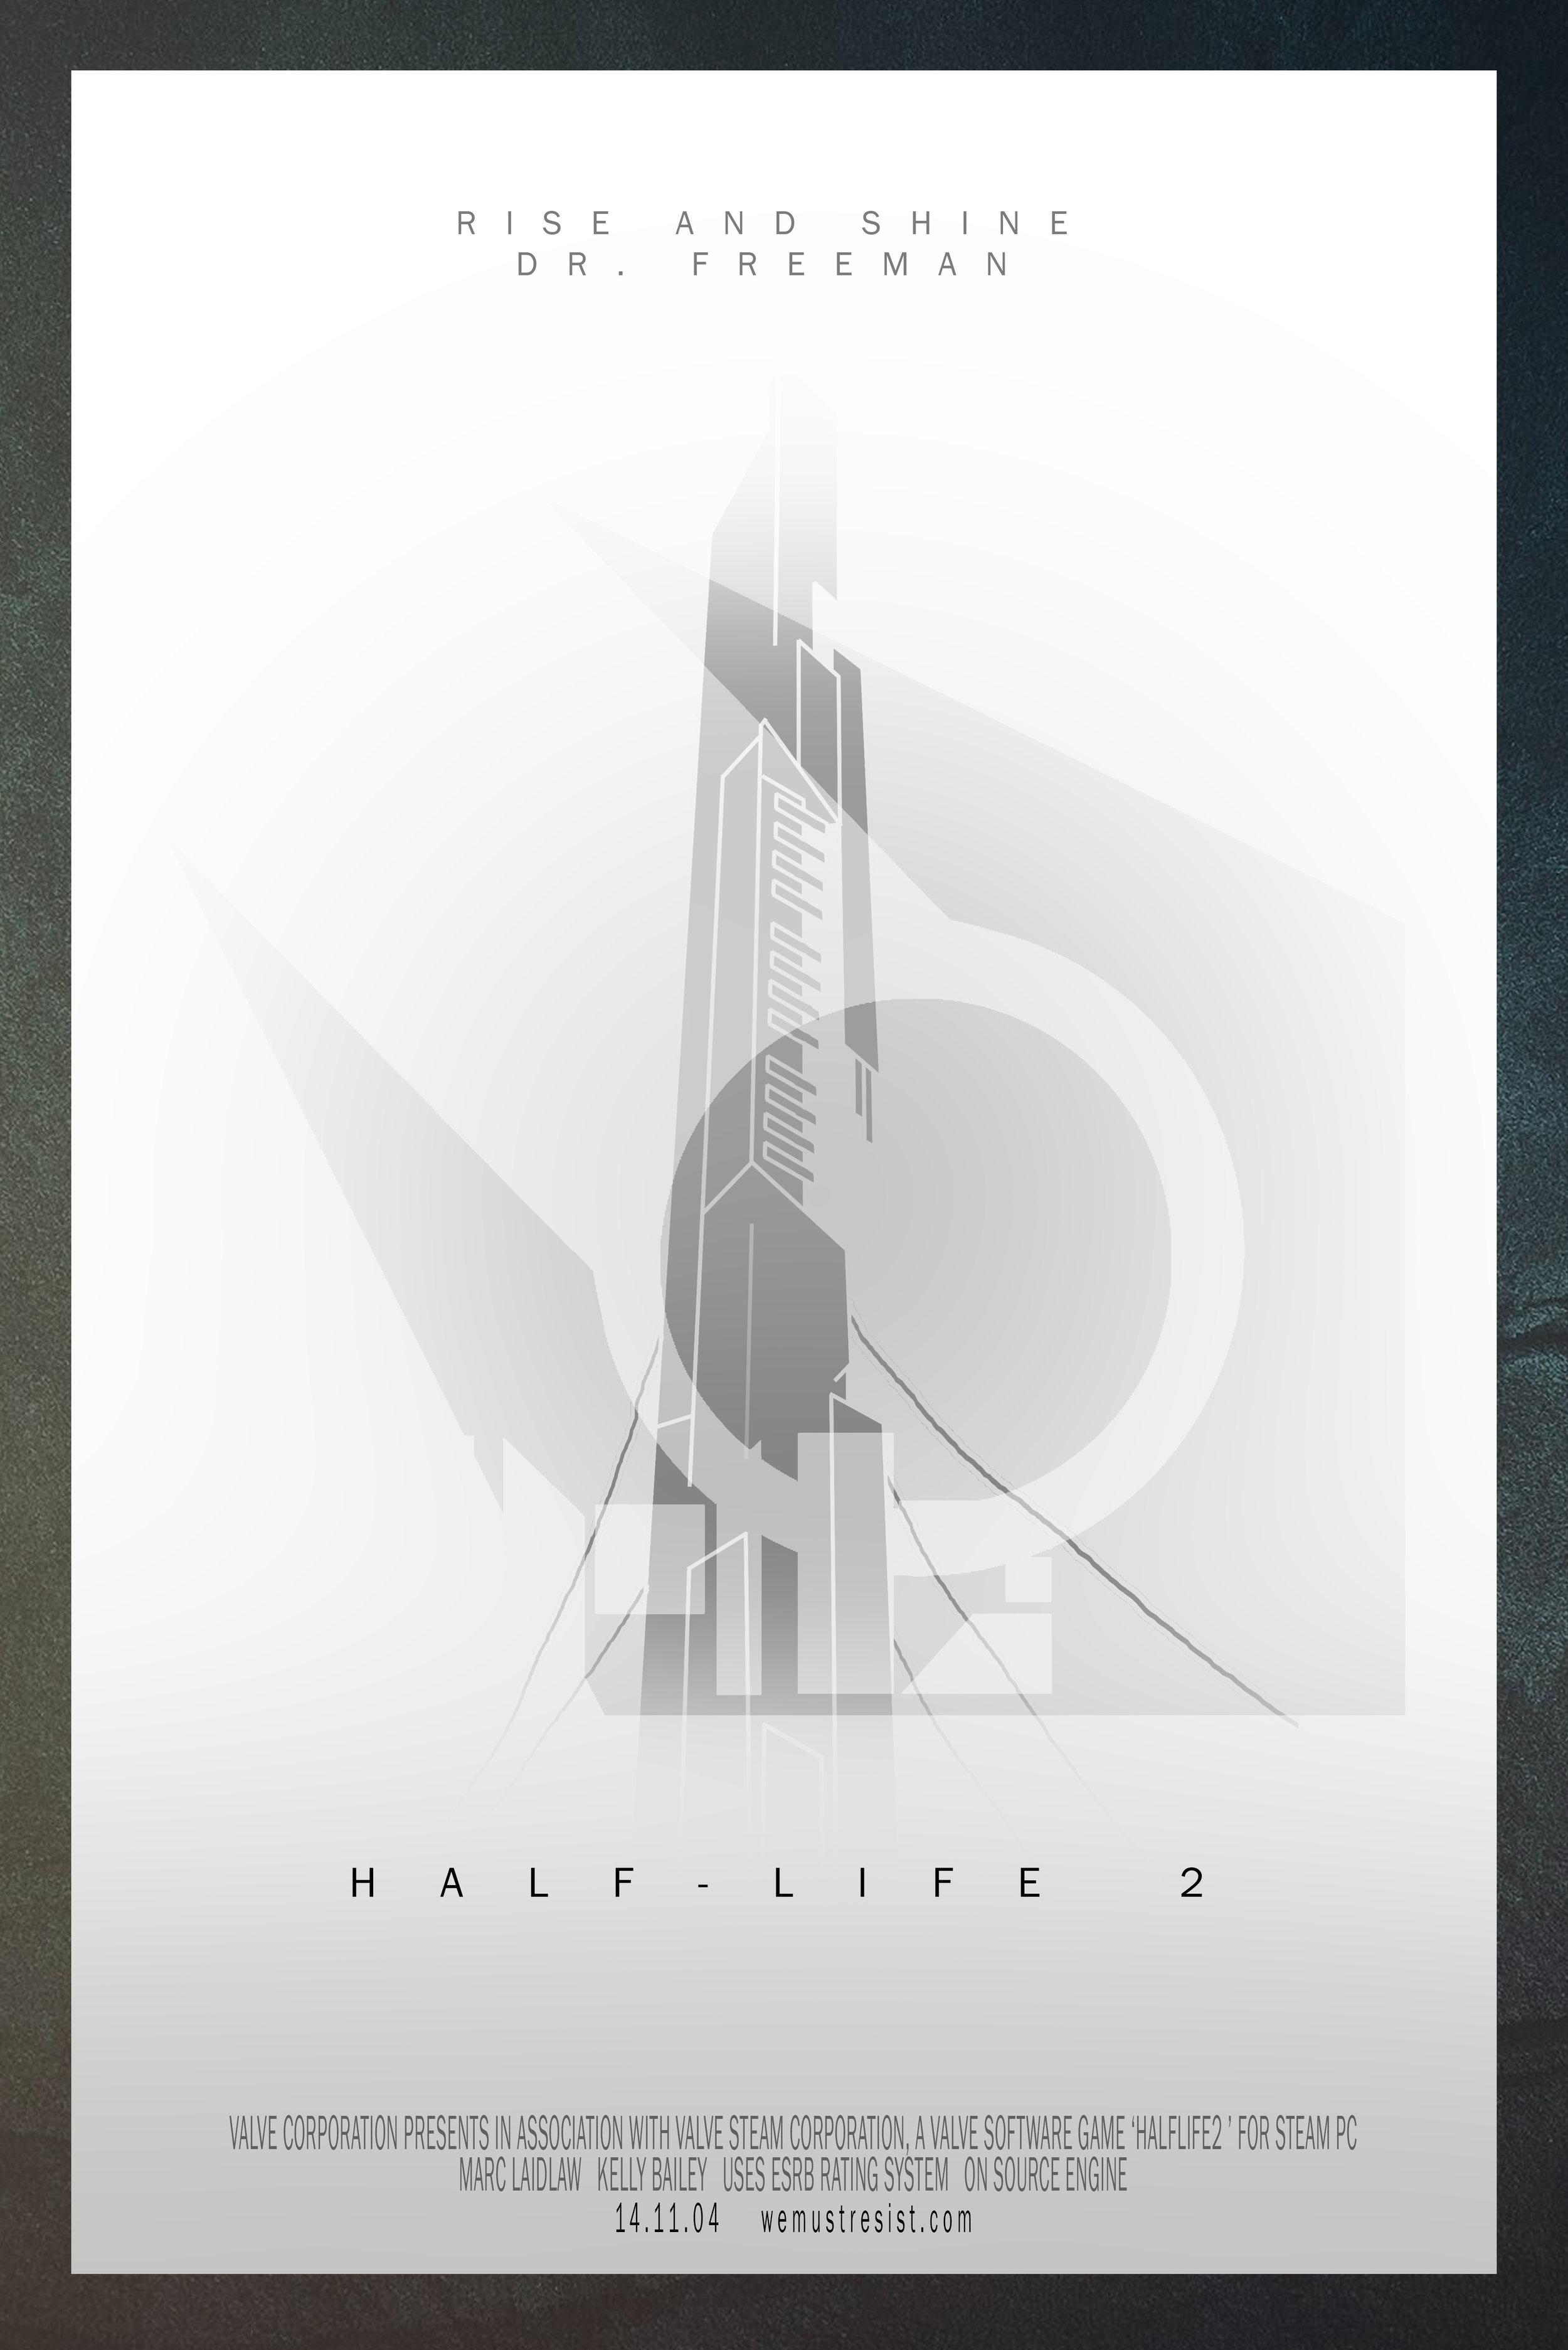 halflifeposter22.jpg